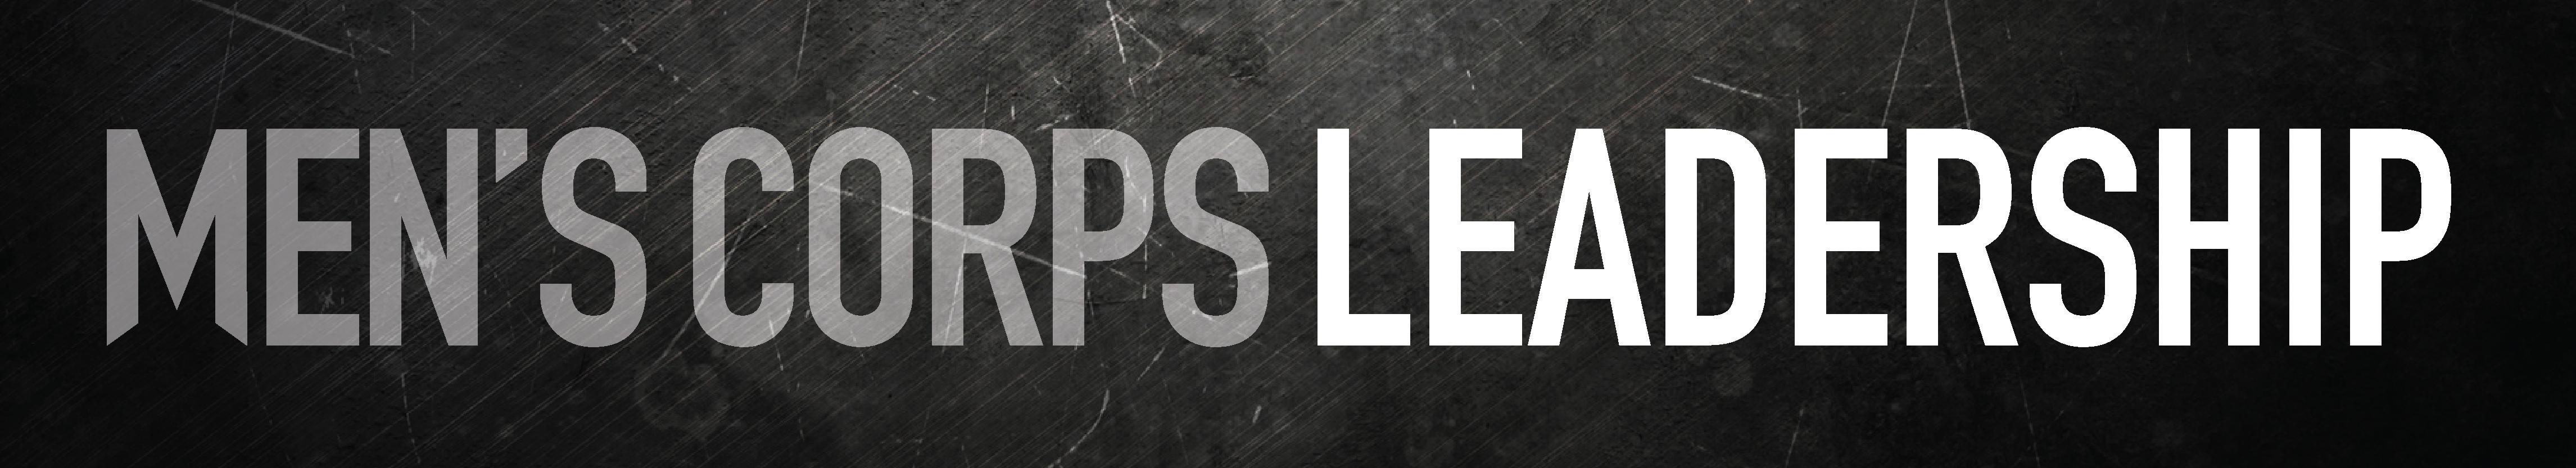 LeadershipHeading-01